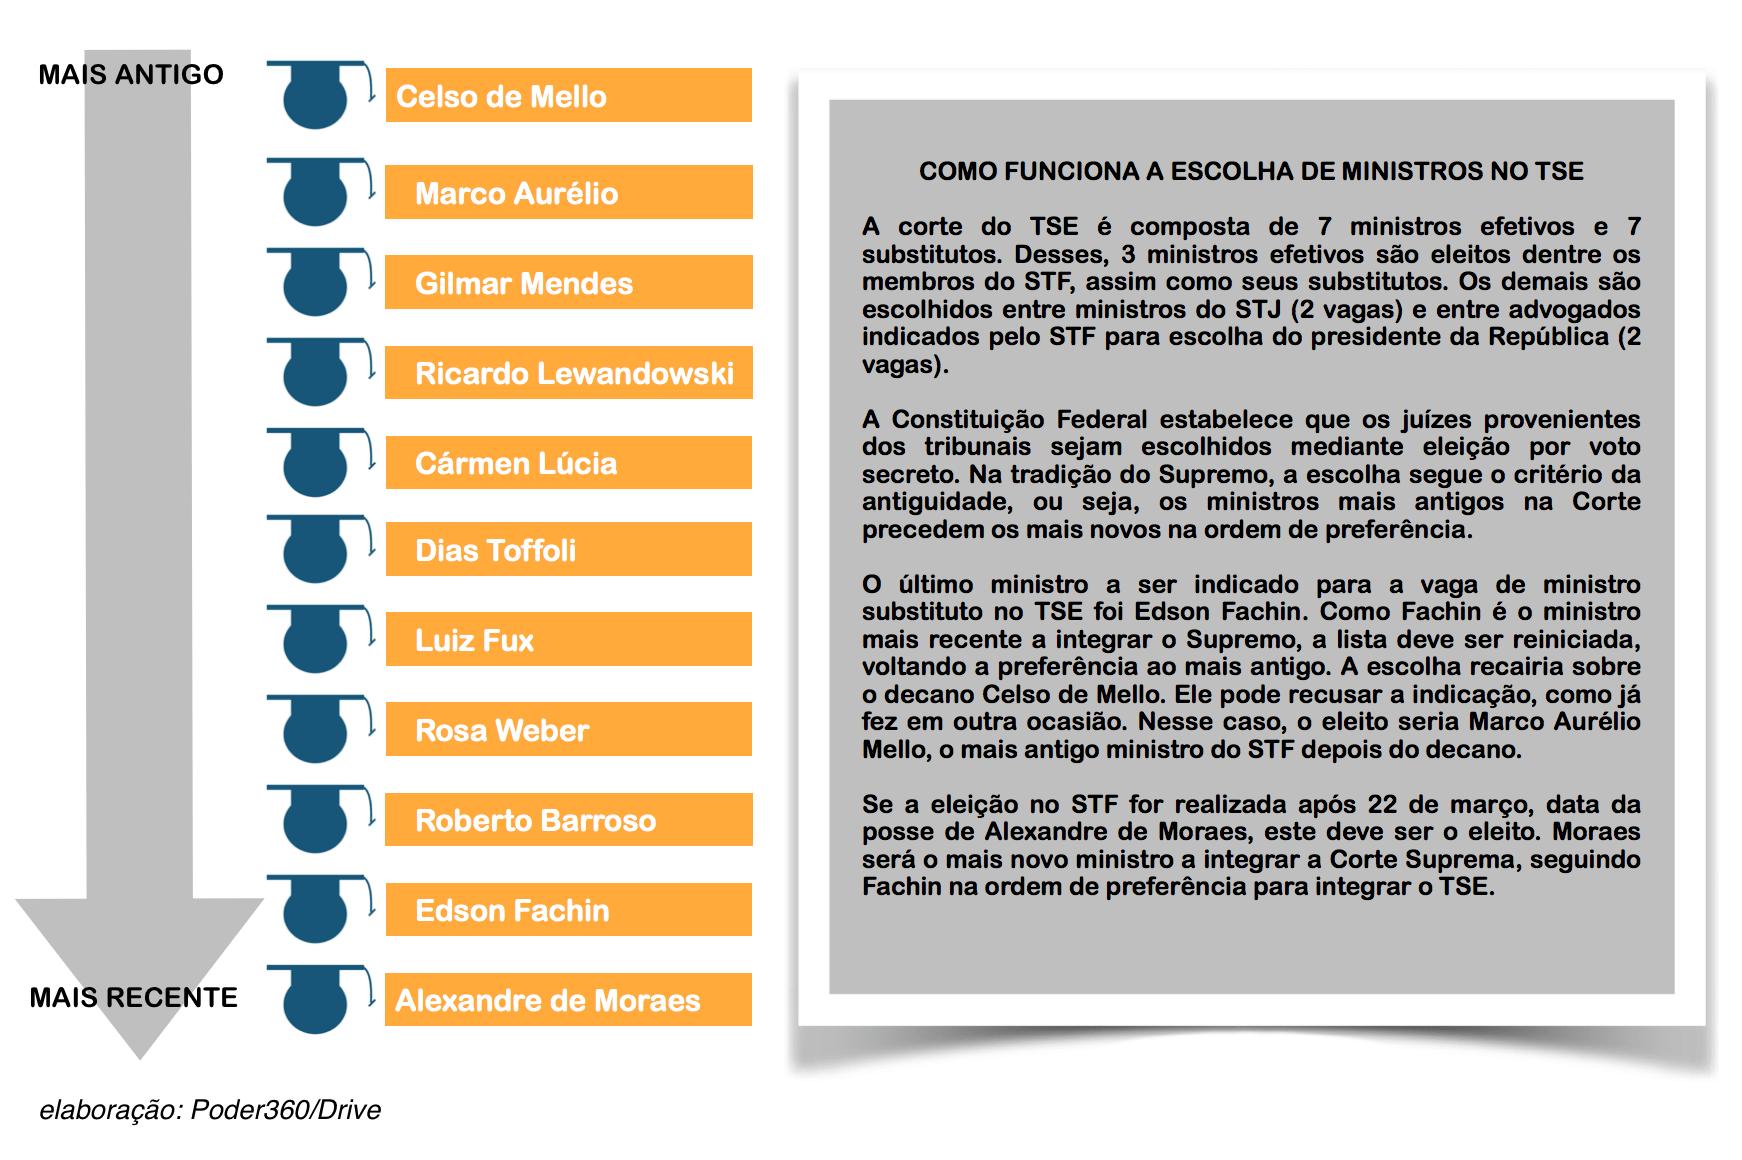 infografico-ministros-stf-antiguidade-17mar2017